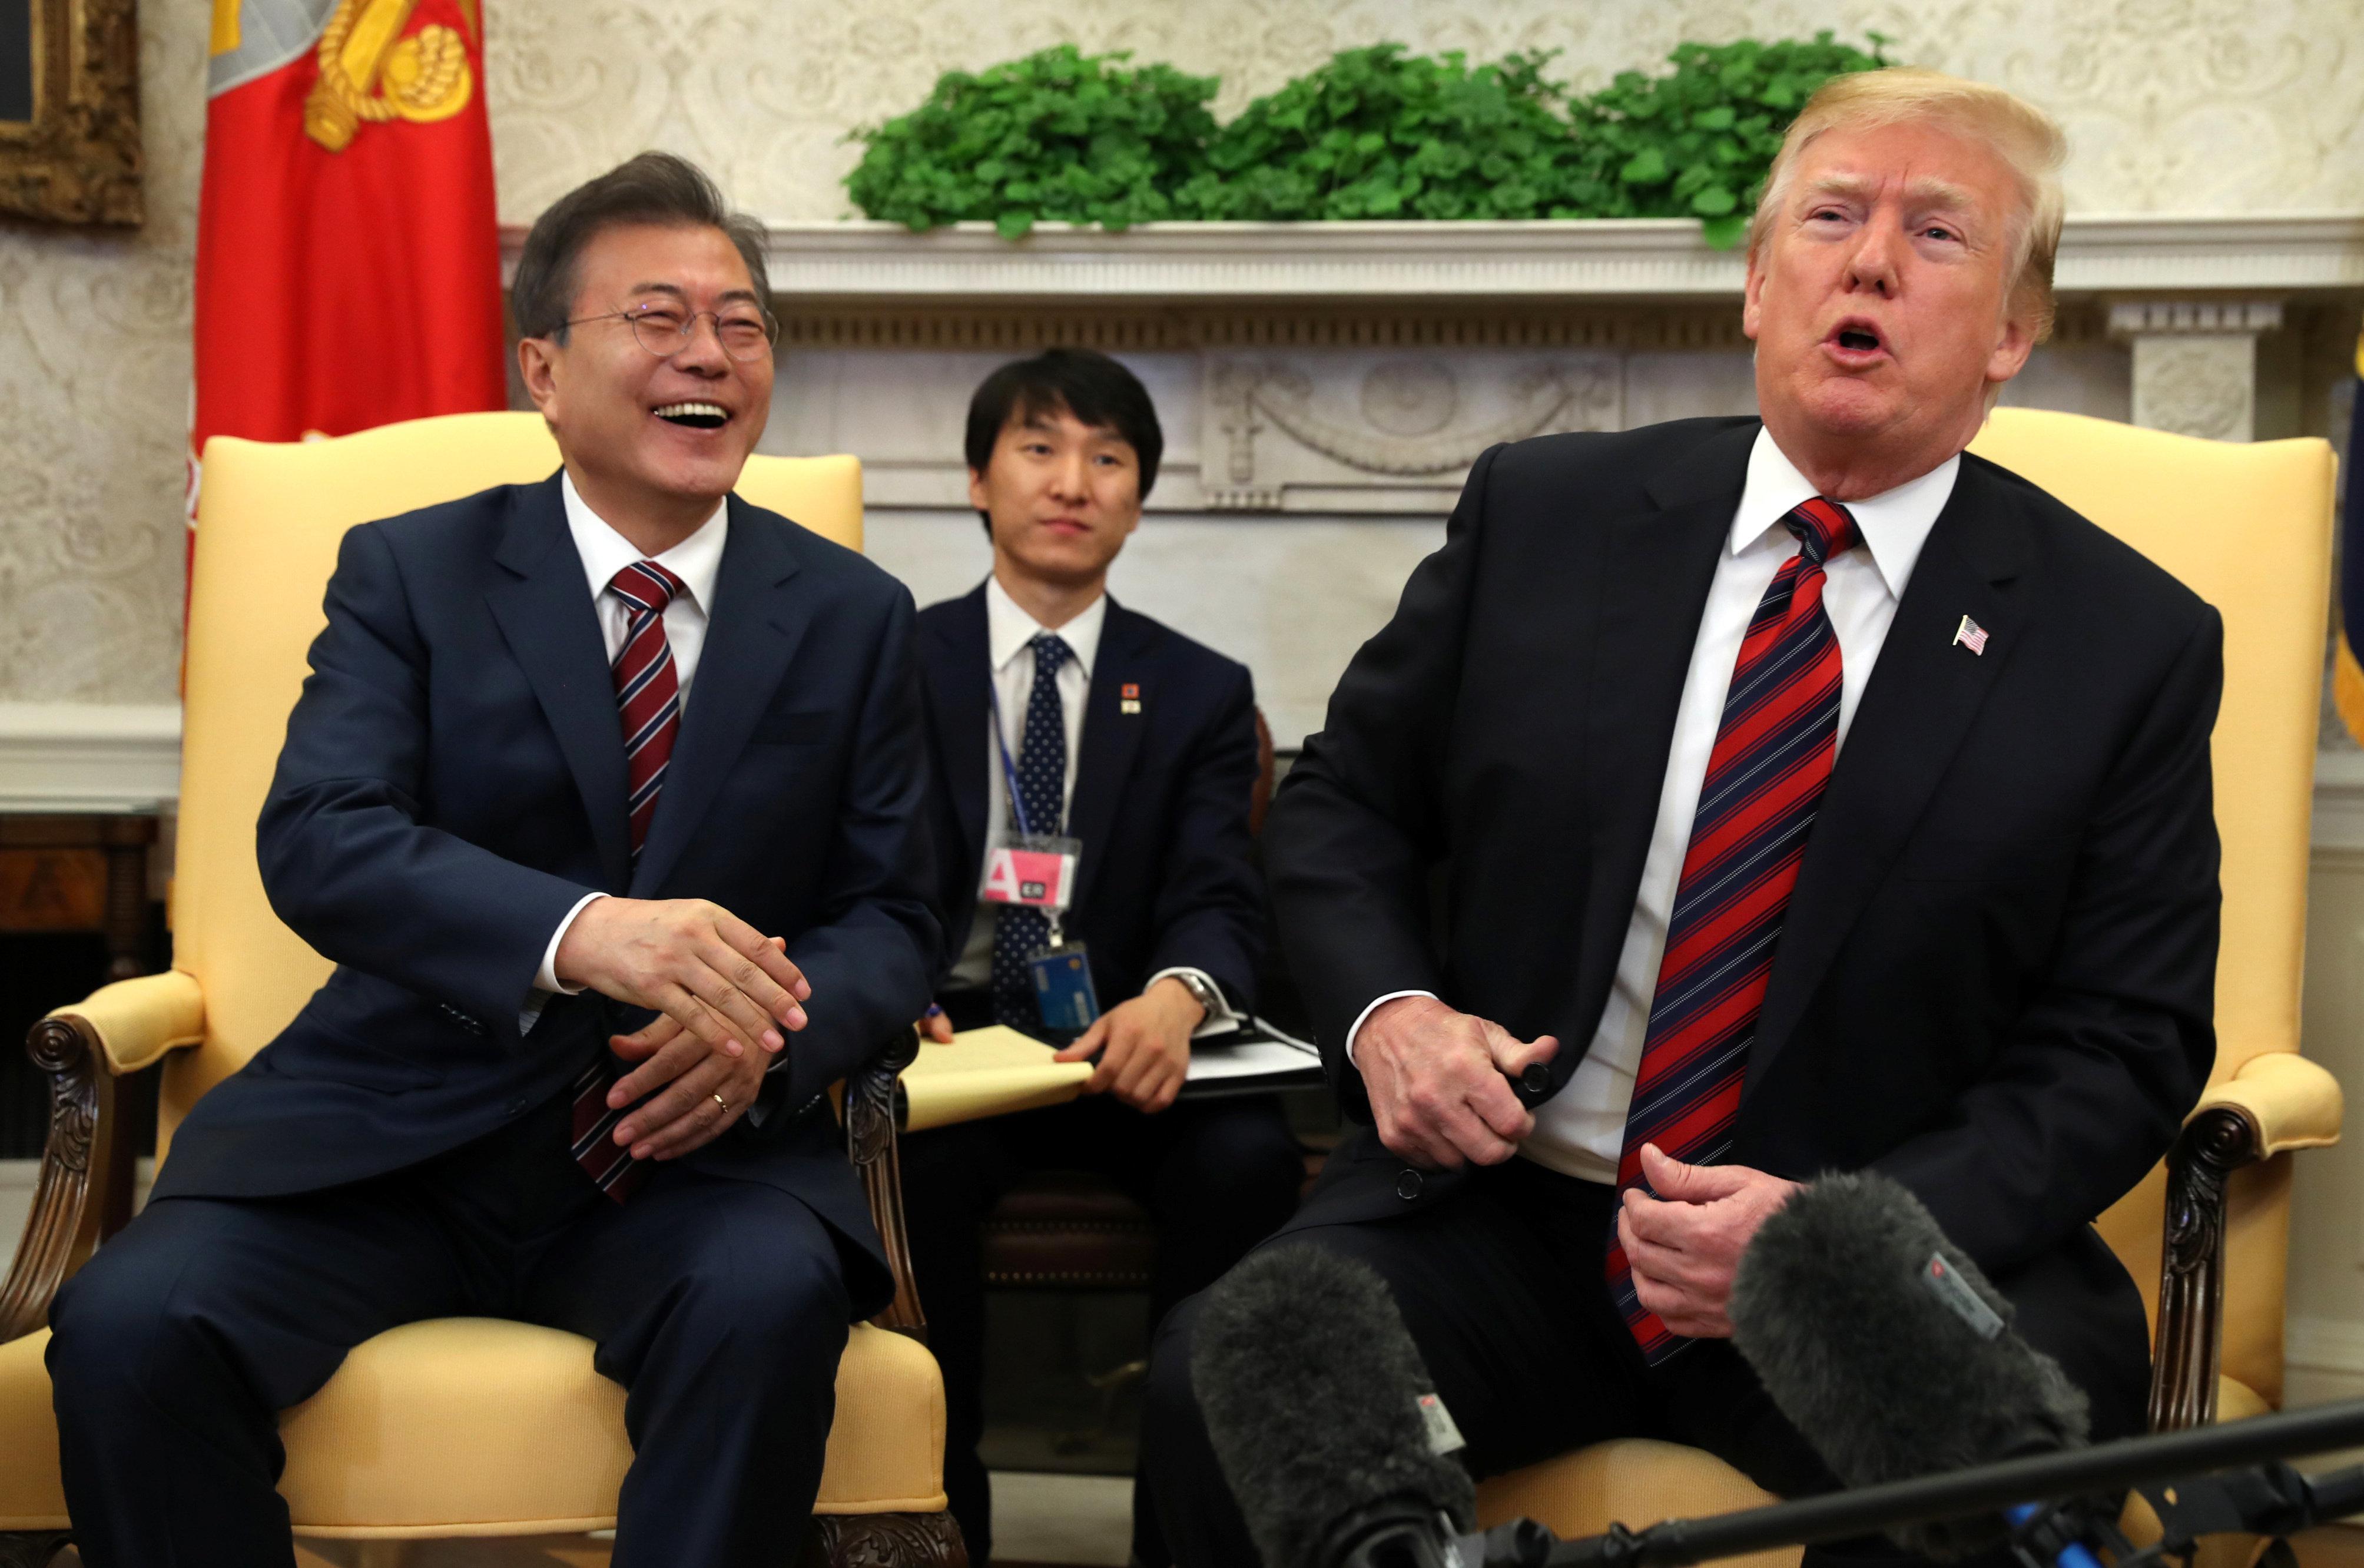 트럼프가 처음으로 '북한 단계적 비핵화' 가능성을 언급했다